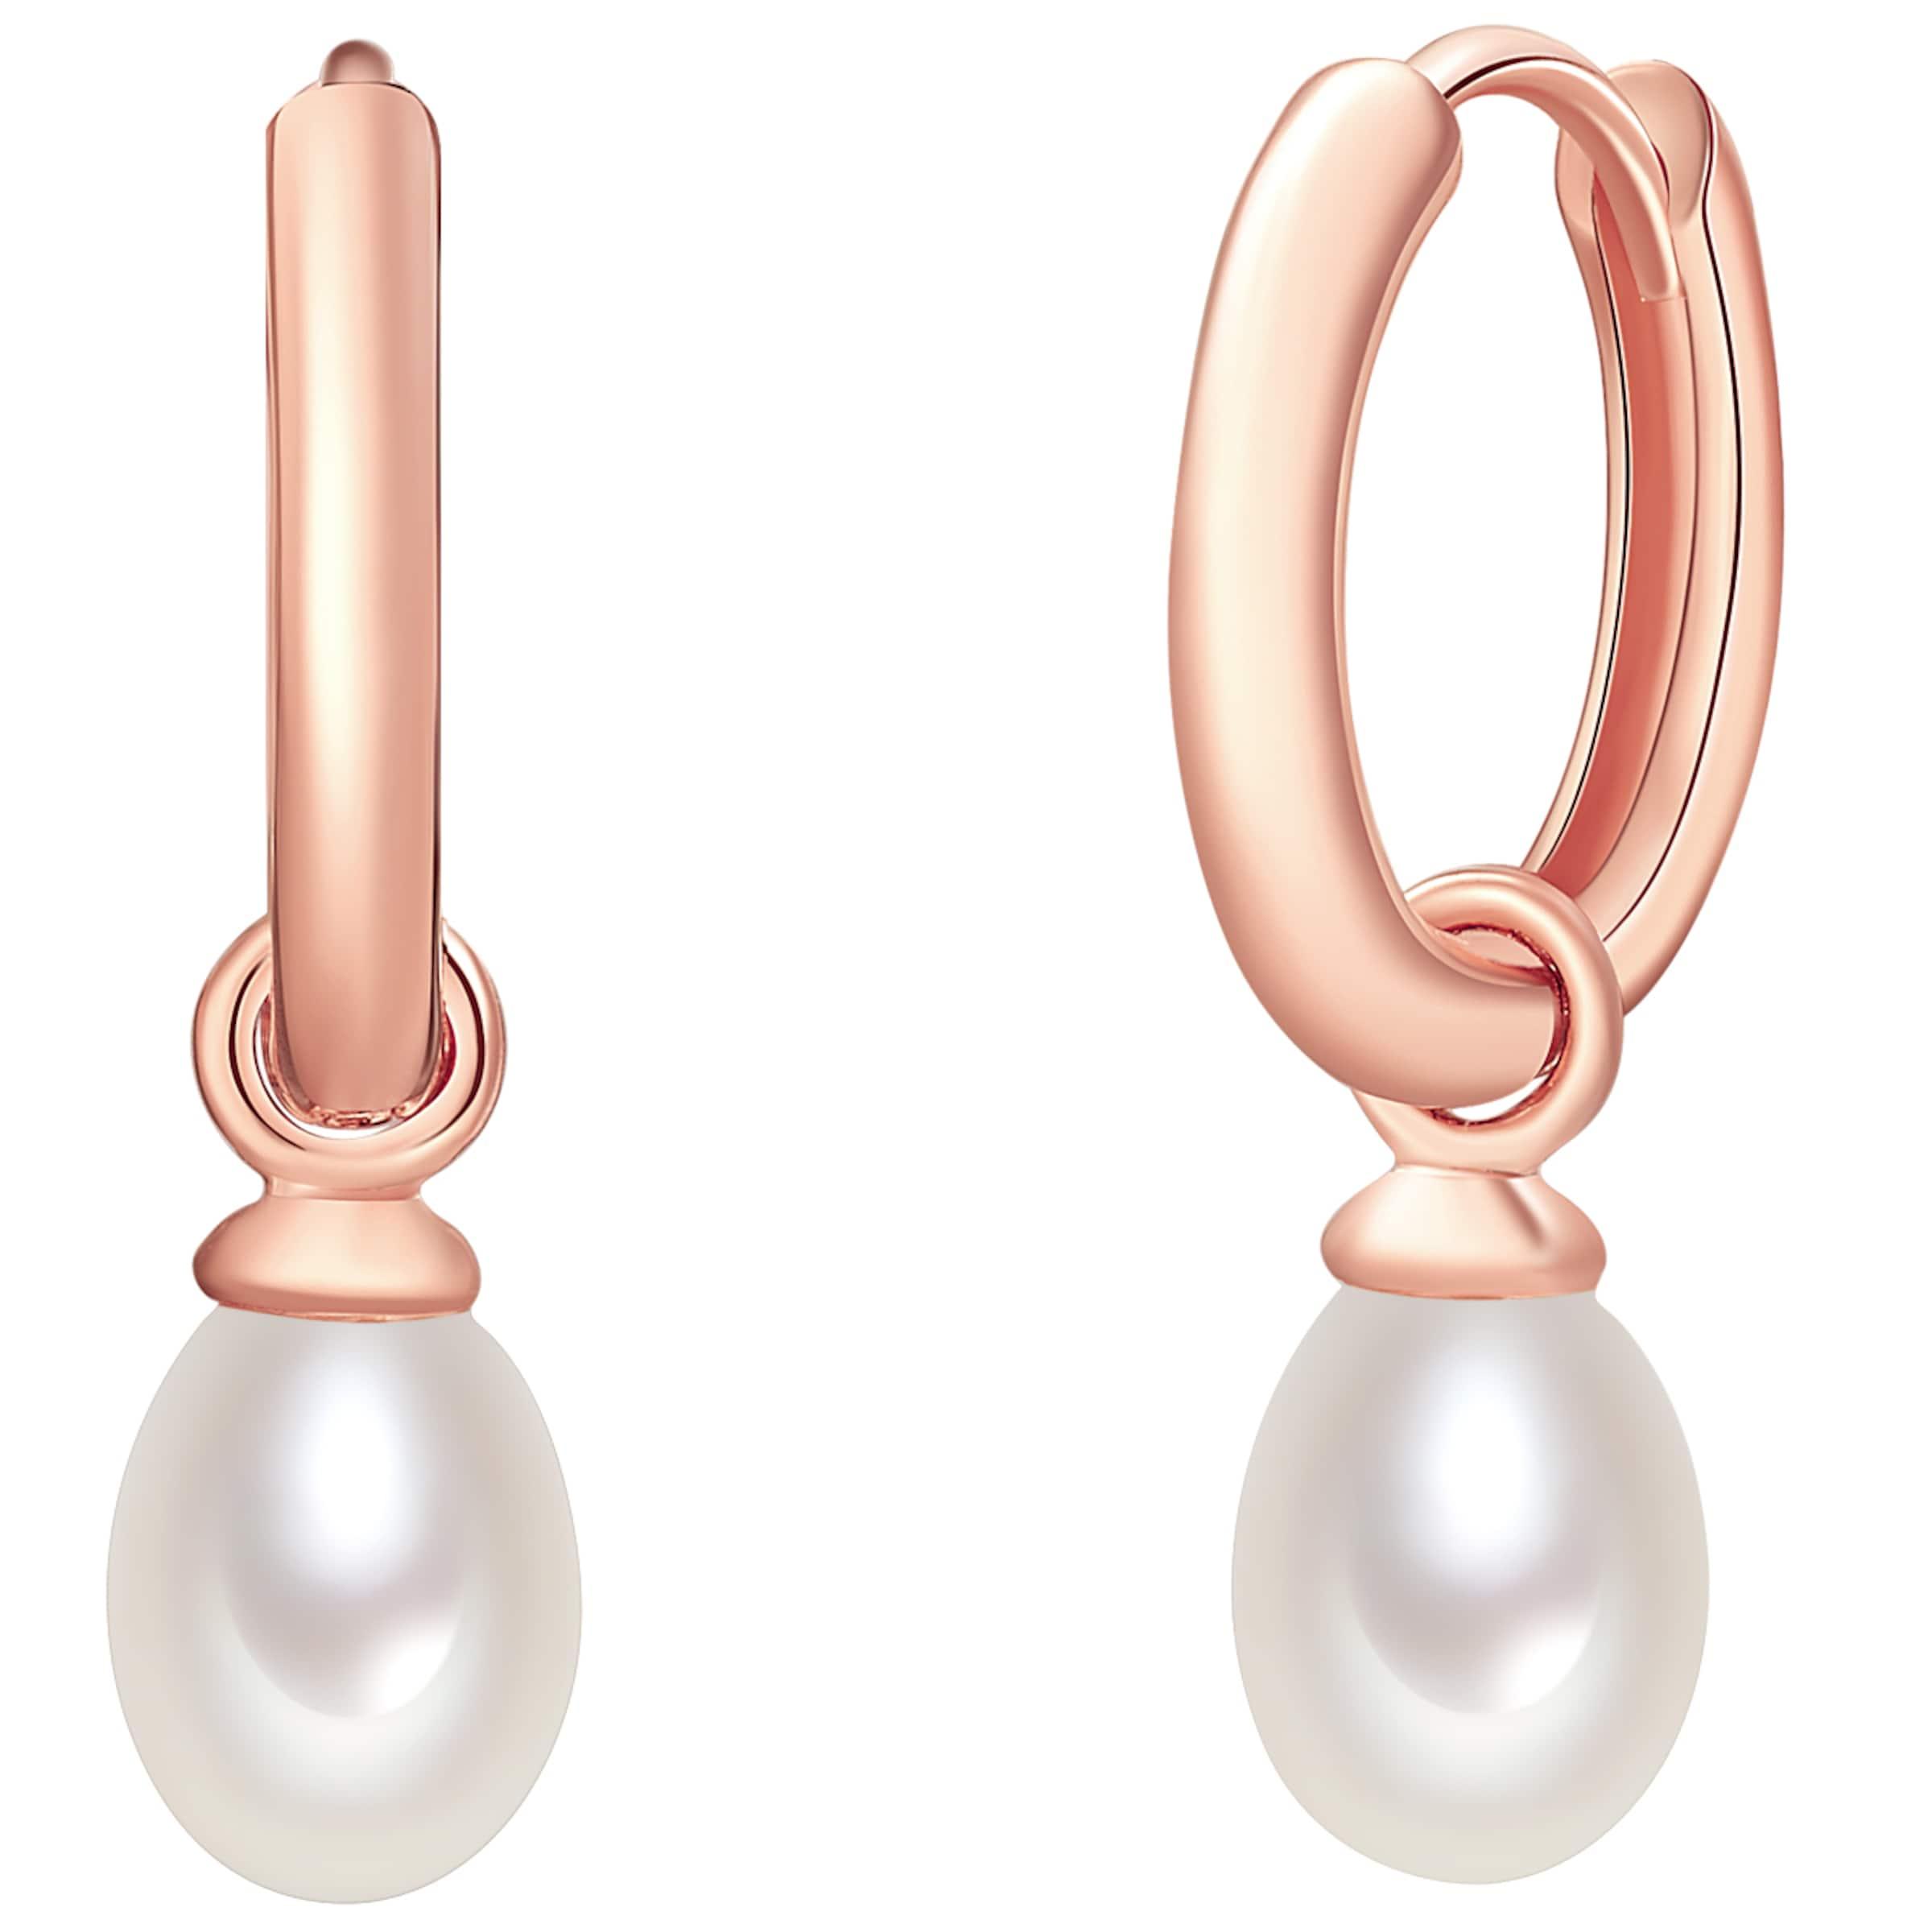 Marktfähig Valero Pearls Silber-Creolen mit Perlenanhänger Verkauf Manchester Großer Verkauf 4UJHXG